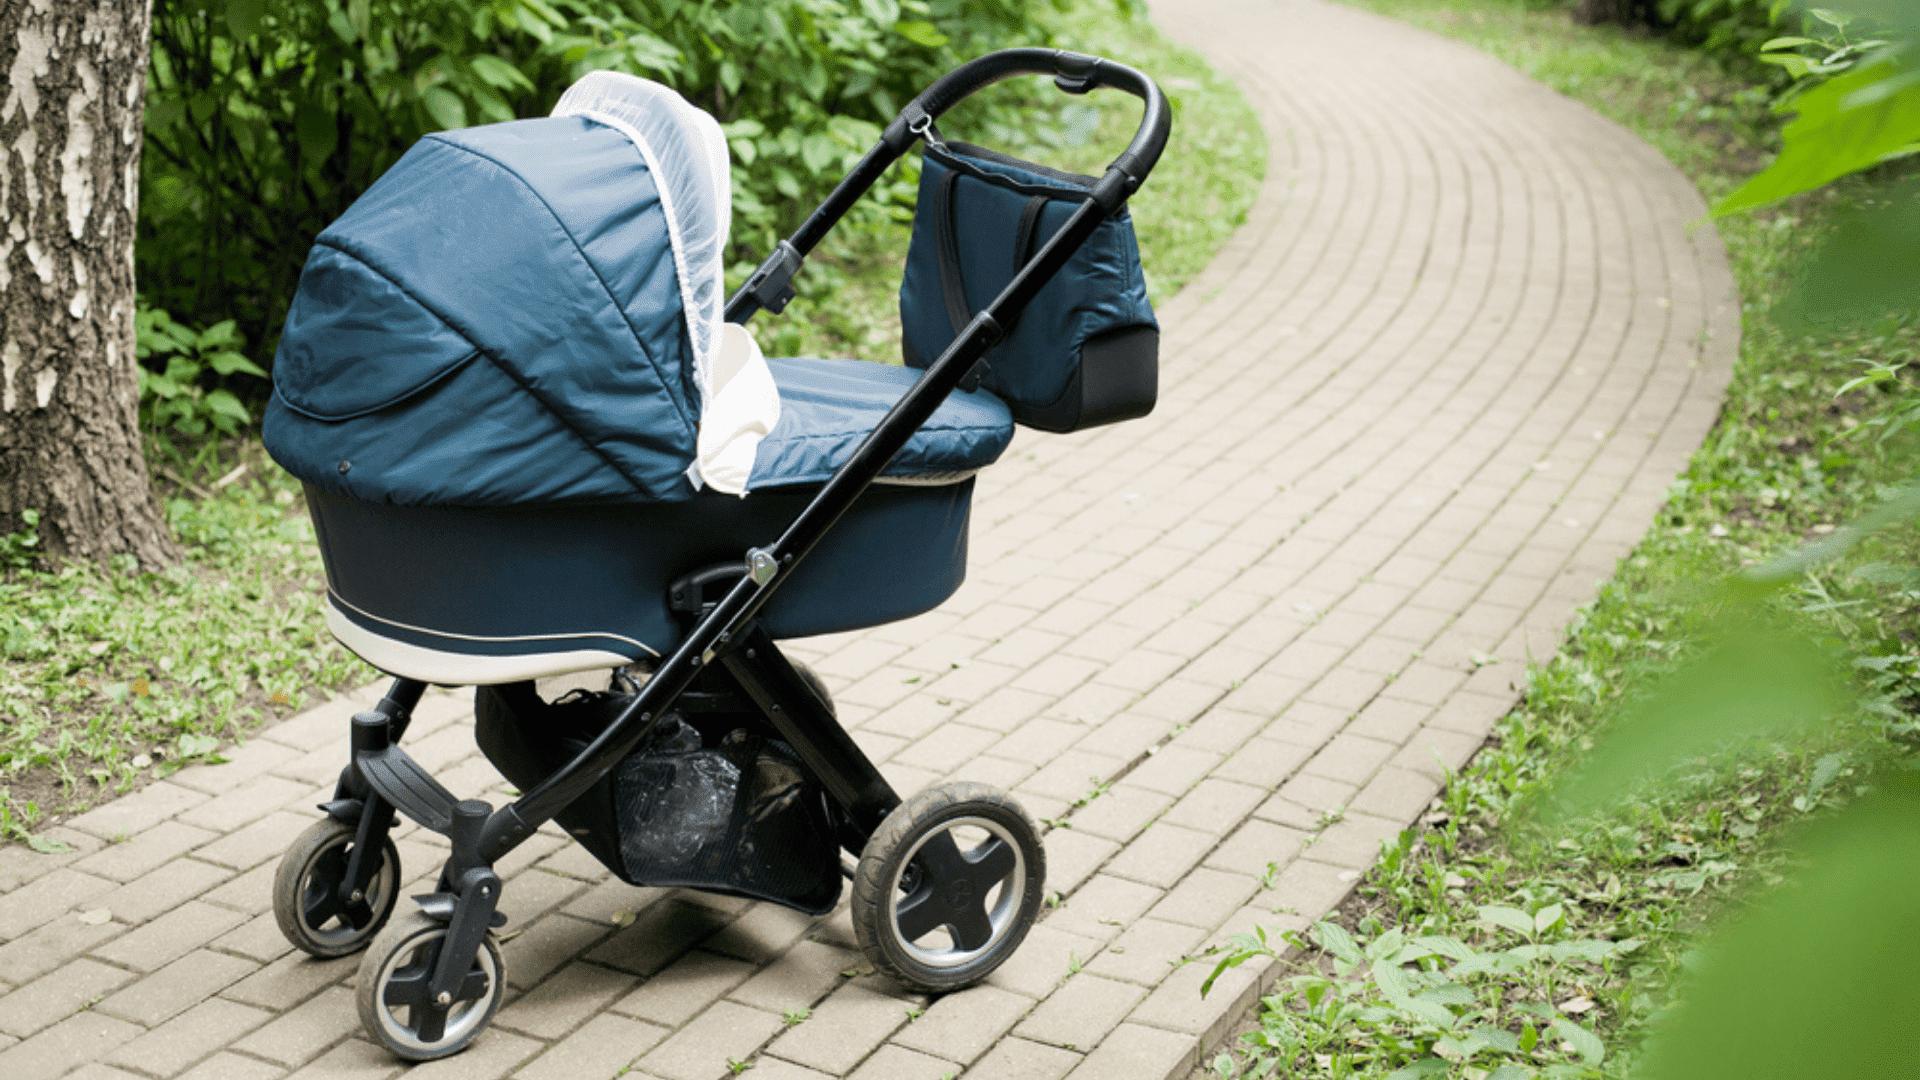 Veja a nossa seleção dos melhores carrinhos de bebê Burigotto de 2021! (Imagem: Reprodução/Shutterstock)